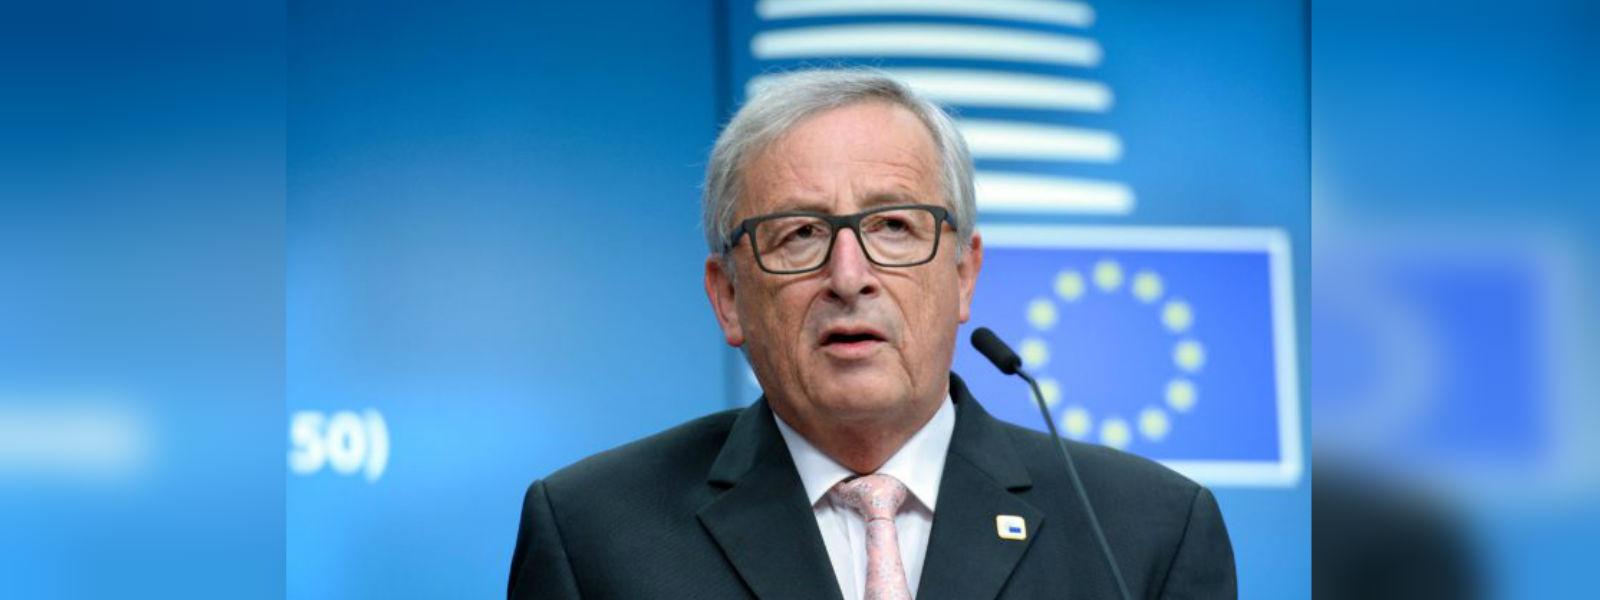 Everybody understands English, but not England jokes EU's Juncker